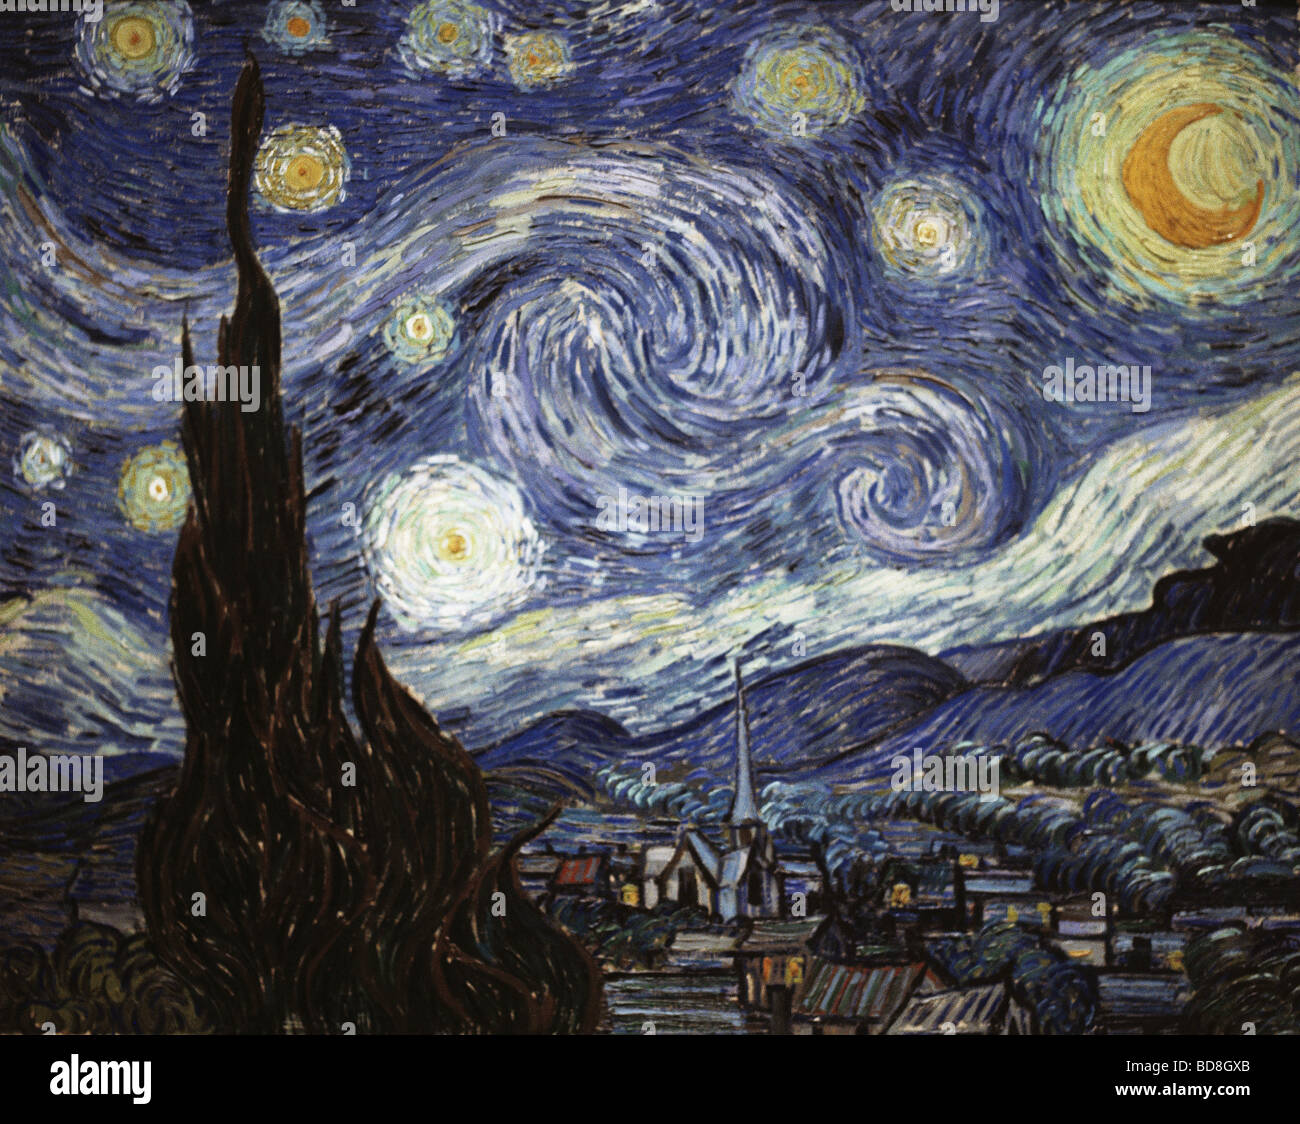 """Bildende Kunst, Gogh, Vincent van, (1853-1890), Malerei, """"Sternennacht"""", Öl auf Leinwand, 73 x 92 cm, 1889, National Stockfoto"""